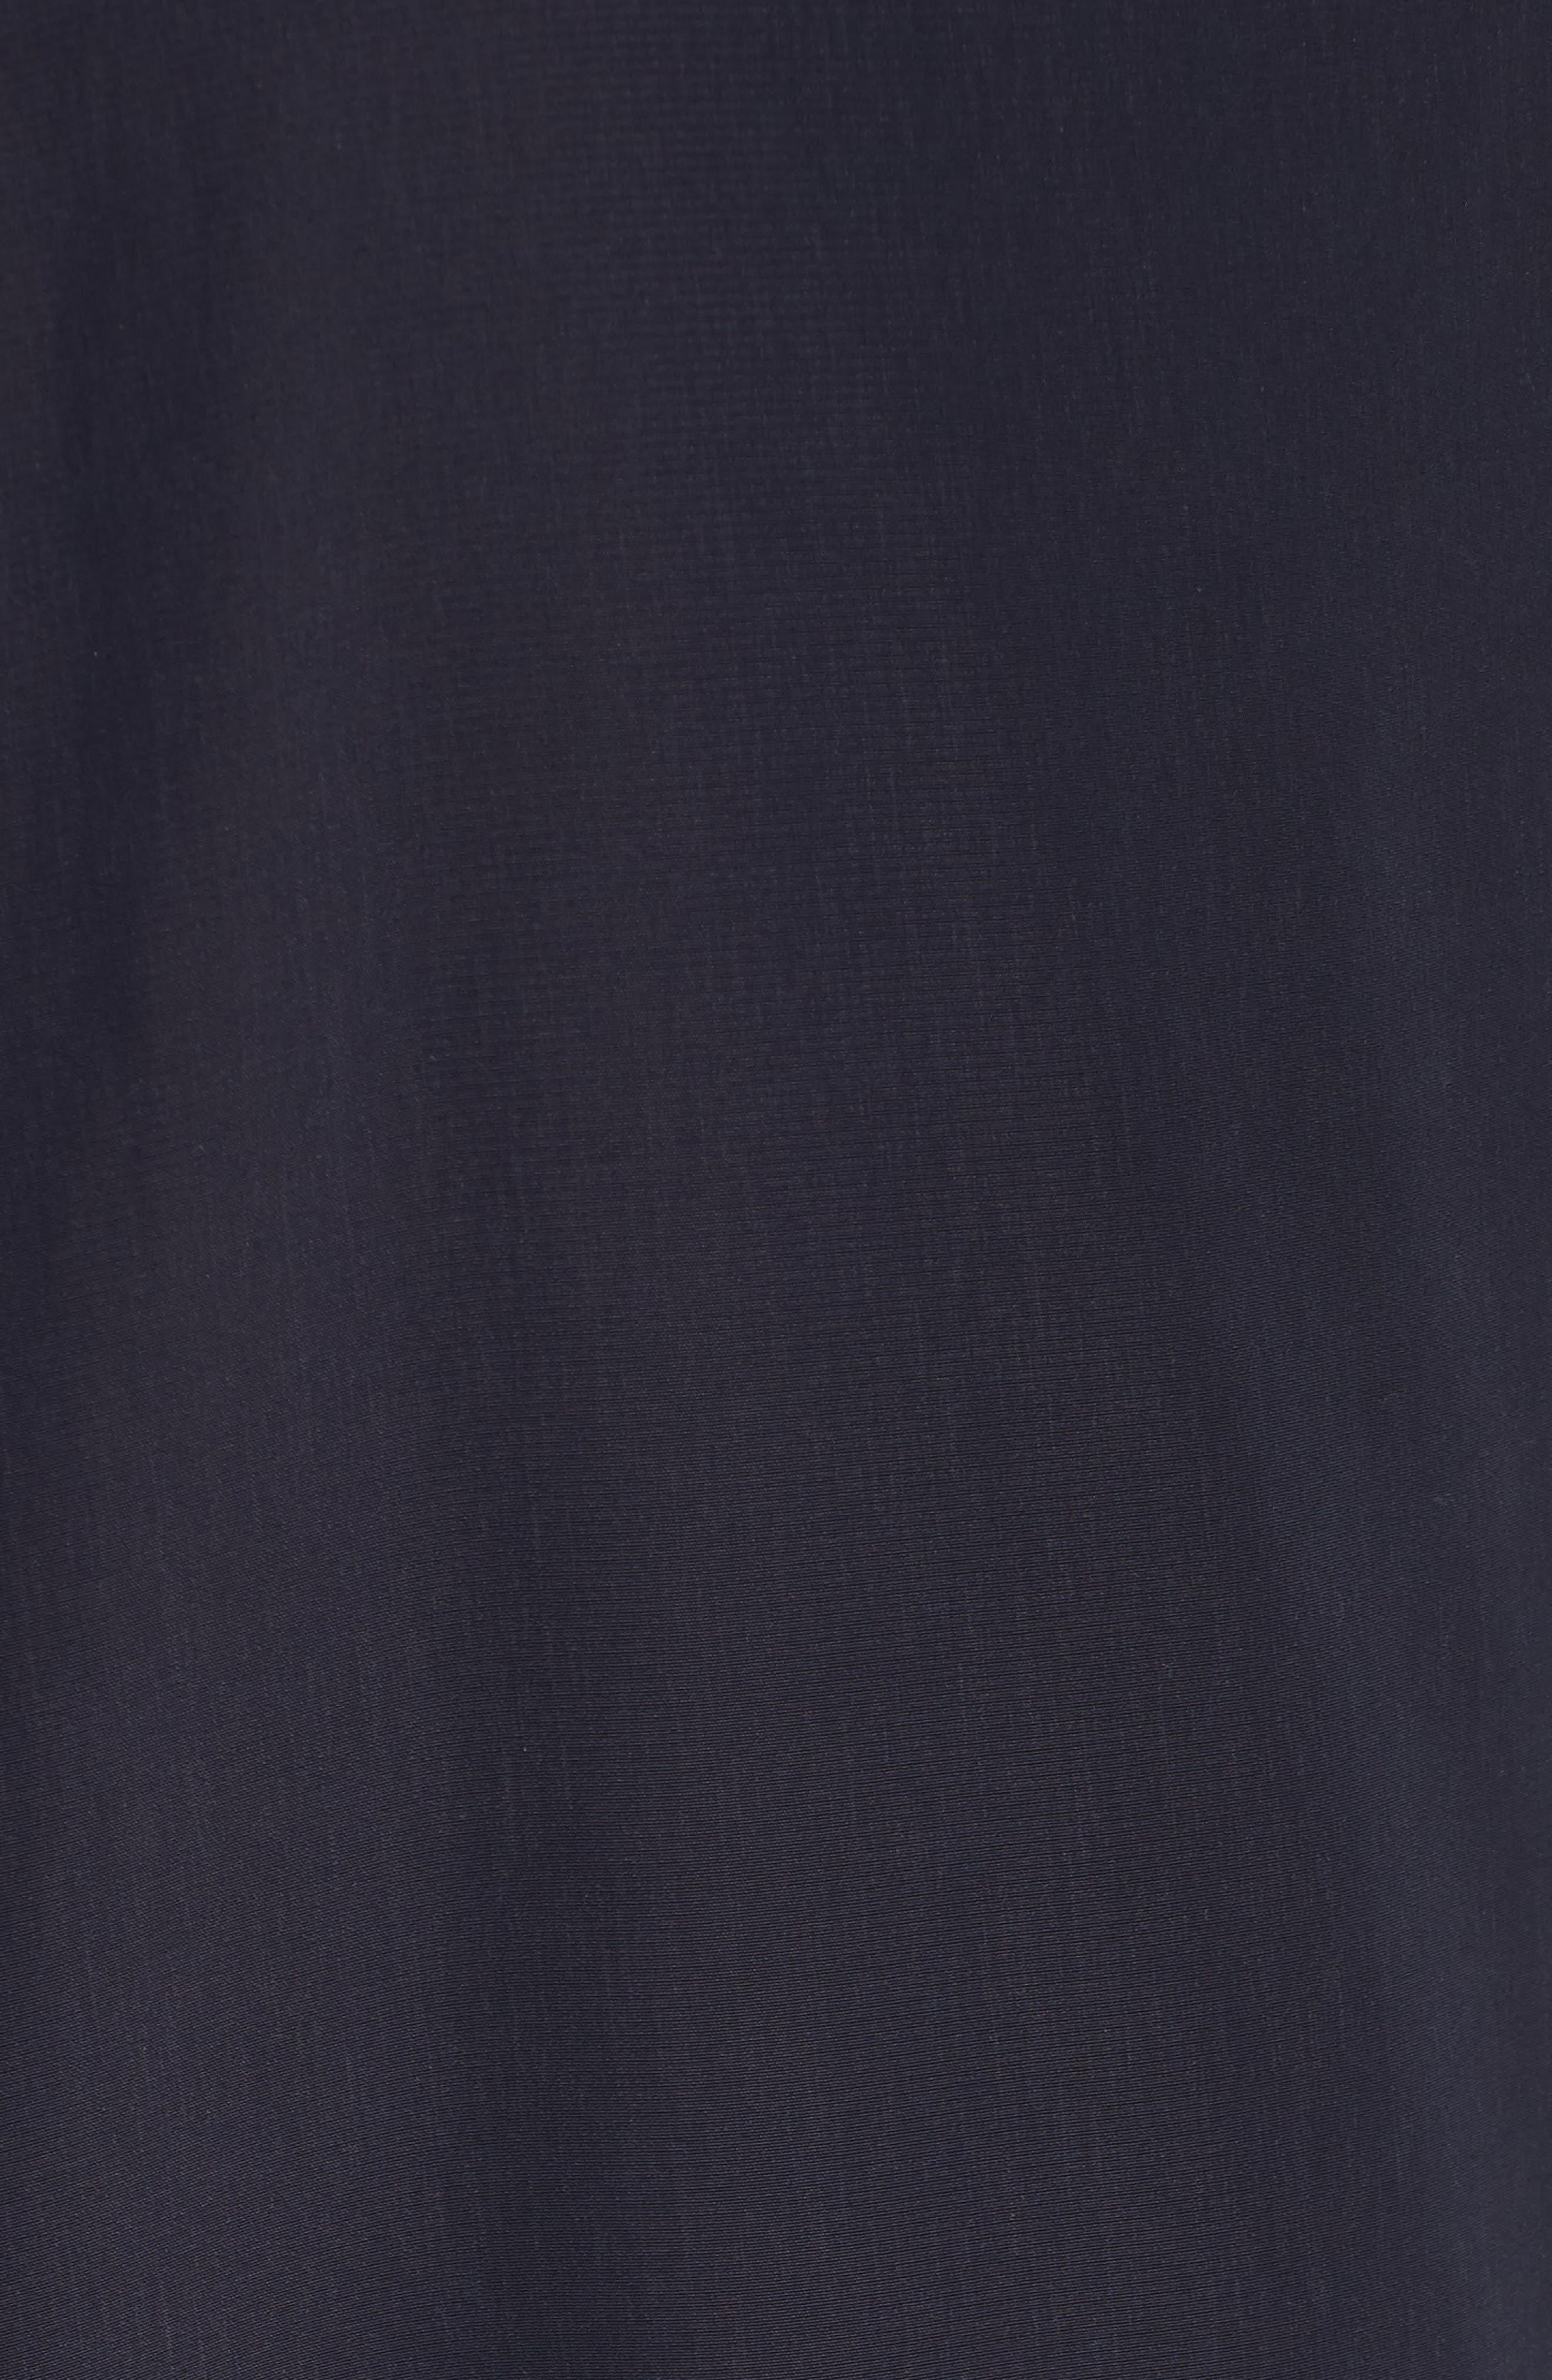 Maxi Slip Dress,                             Alternate thumbnail 5, color,                             410